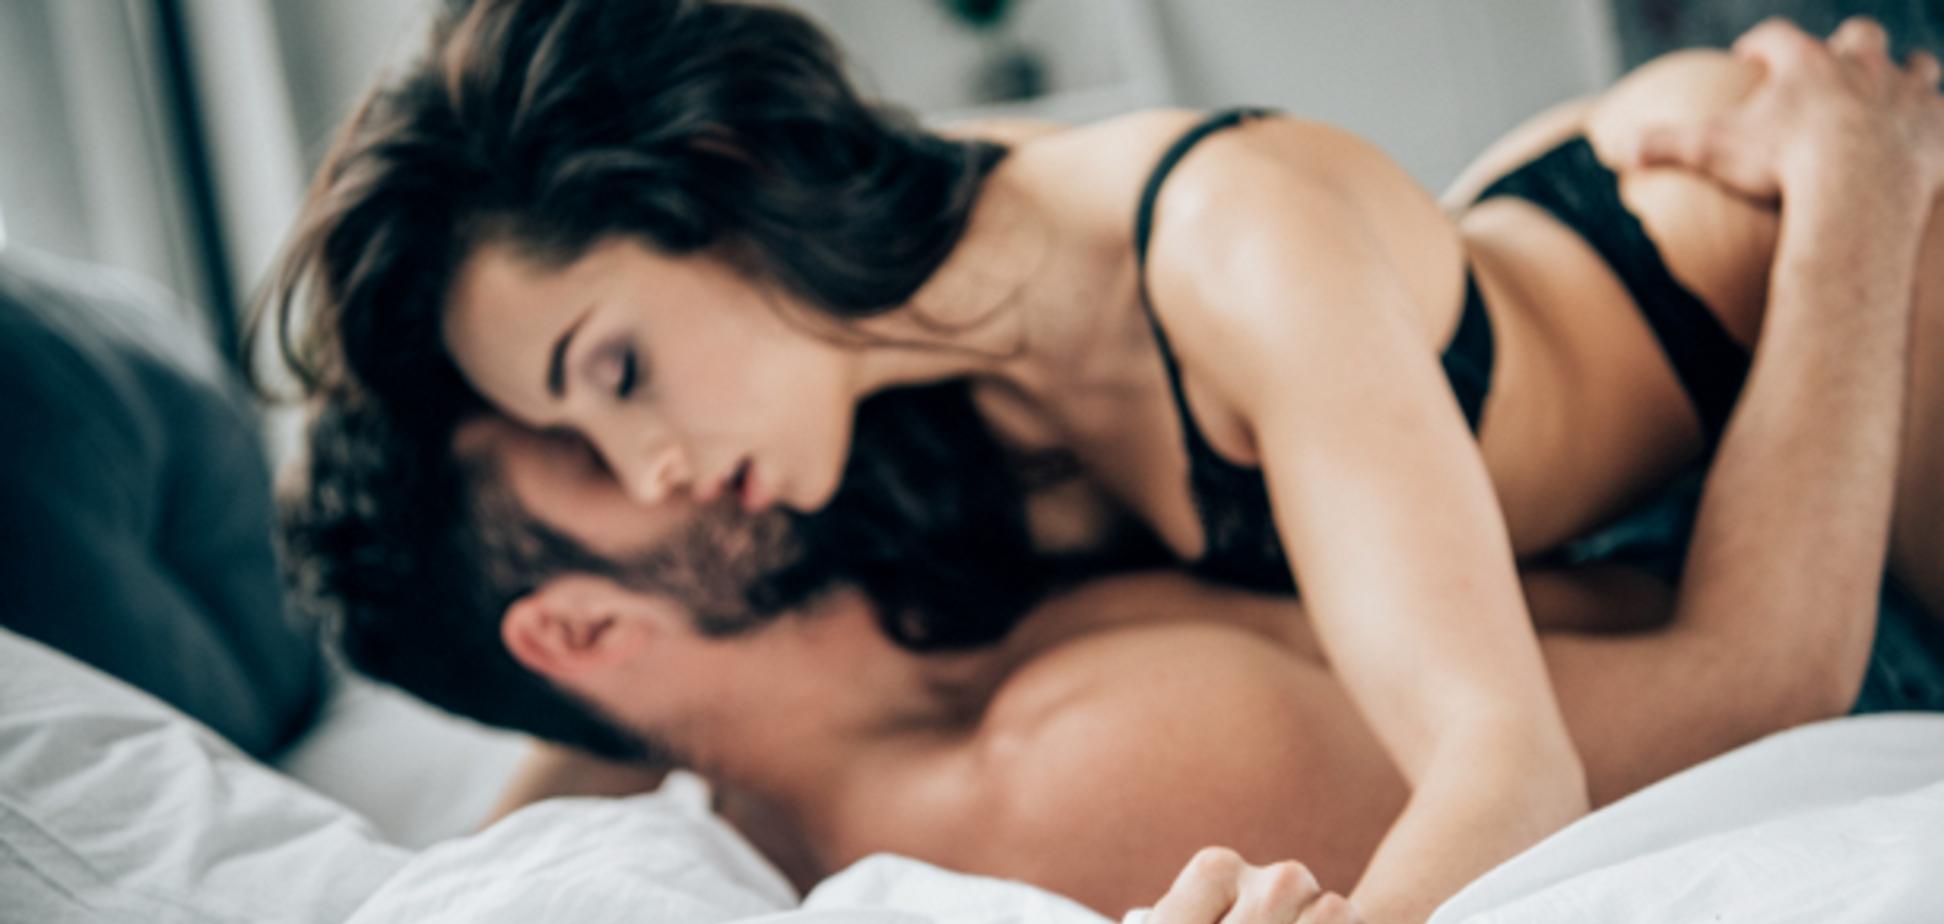 Спортзал почекає: названо топ-5 секс-поз, які замінять тренування